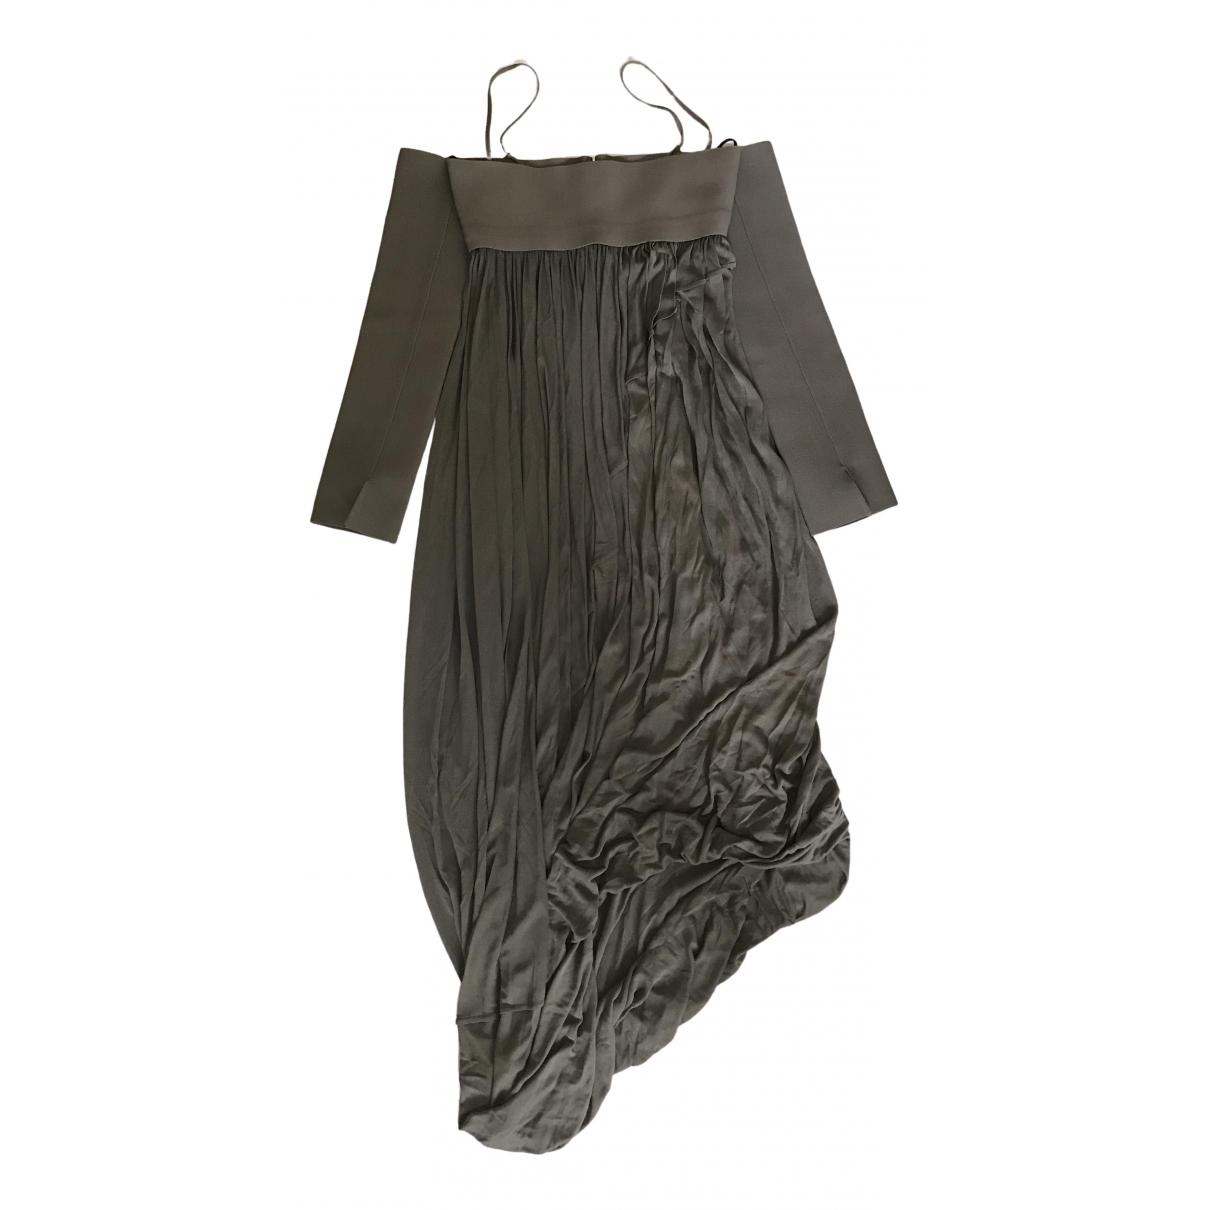 Celine \N Green dress for Women 38 FR